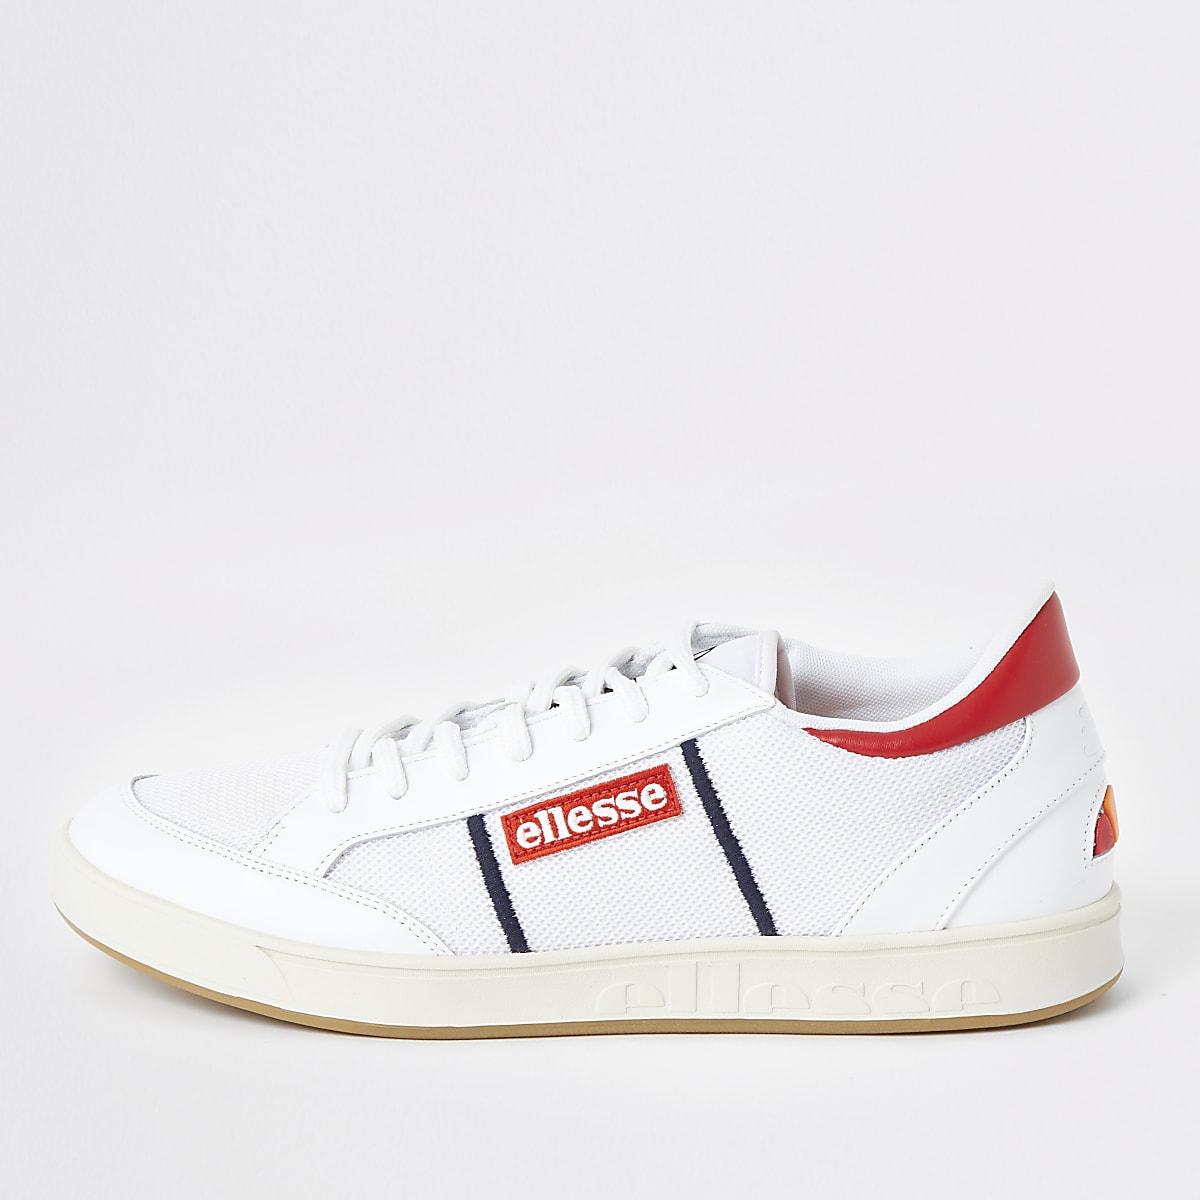 Ellesse - Witte sneakers met veters